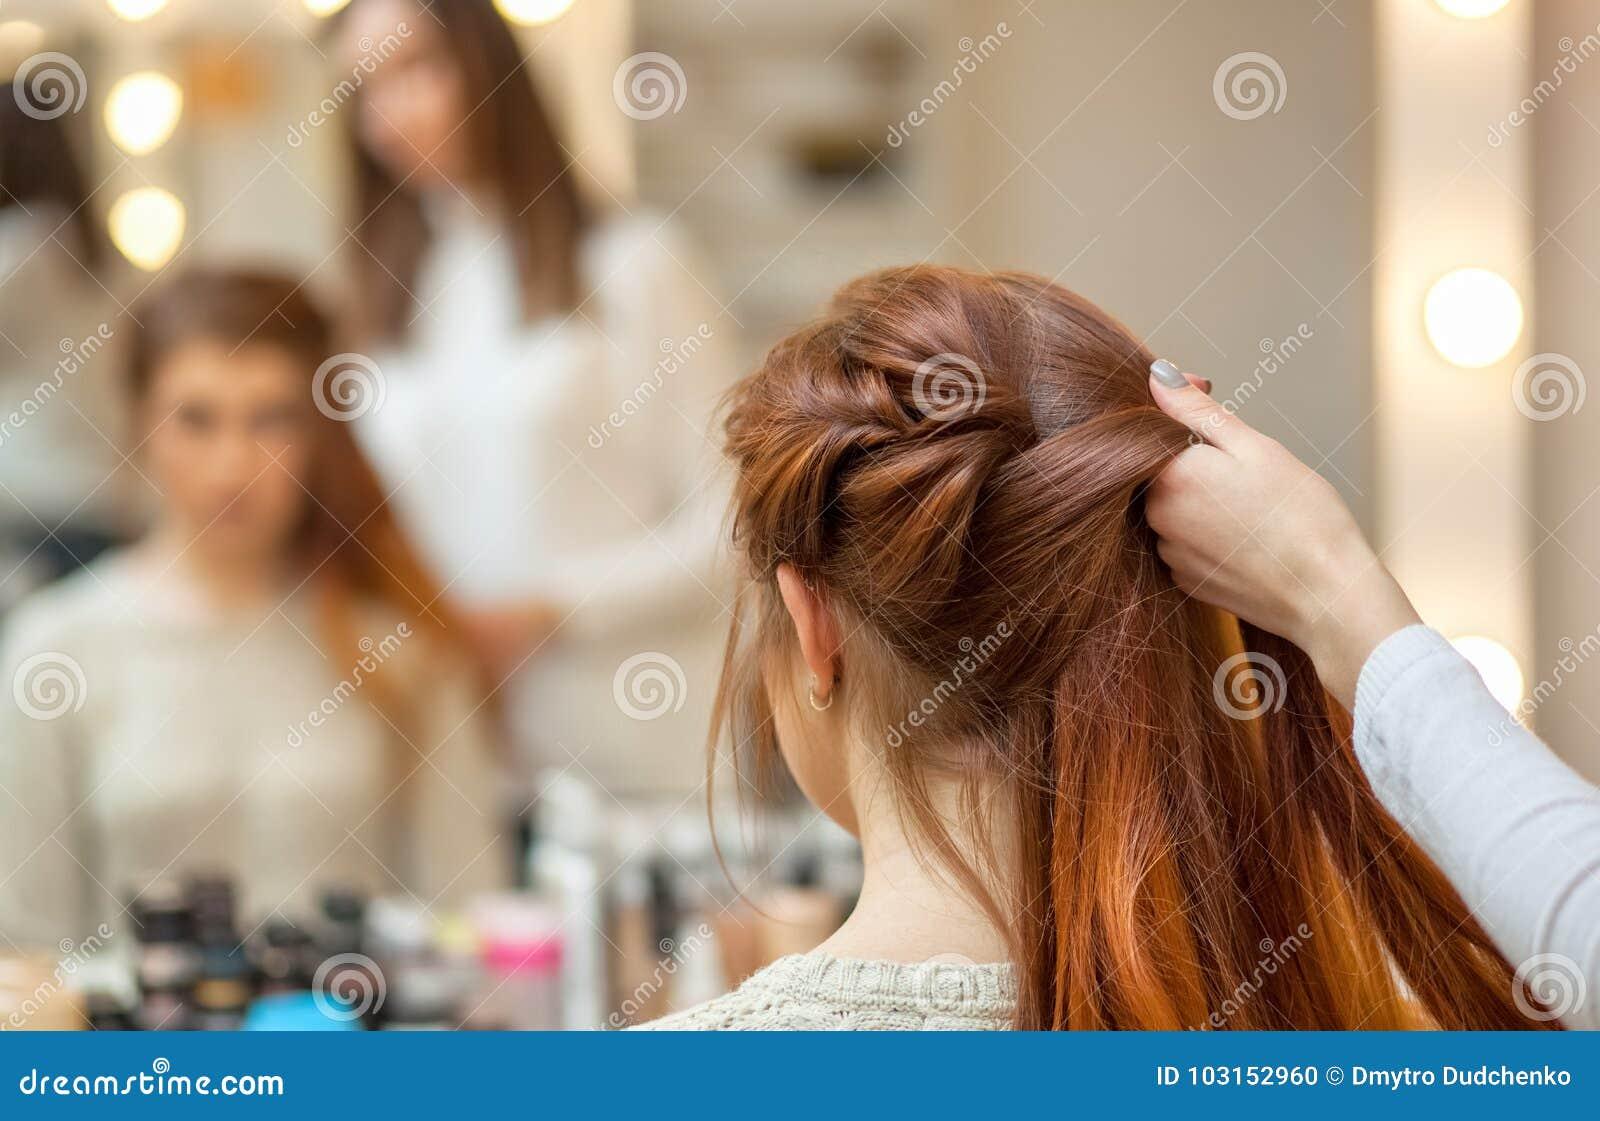 Het mooie, roodharige meisje met lang haar, kapper weeft een Franse vlecht, in een schoonheidssalon